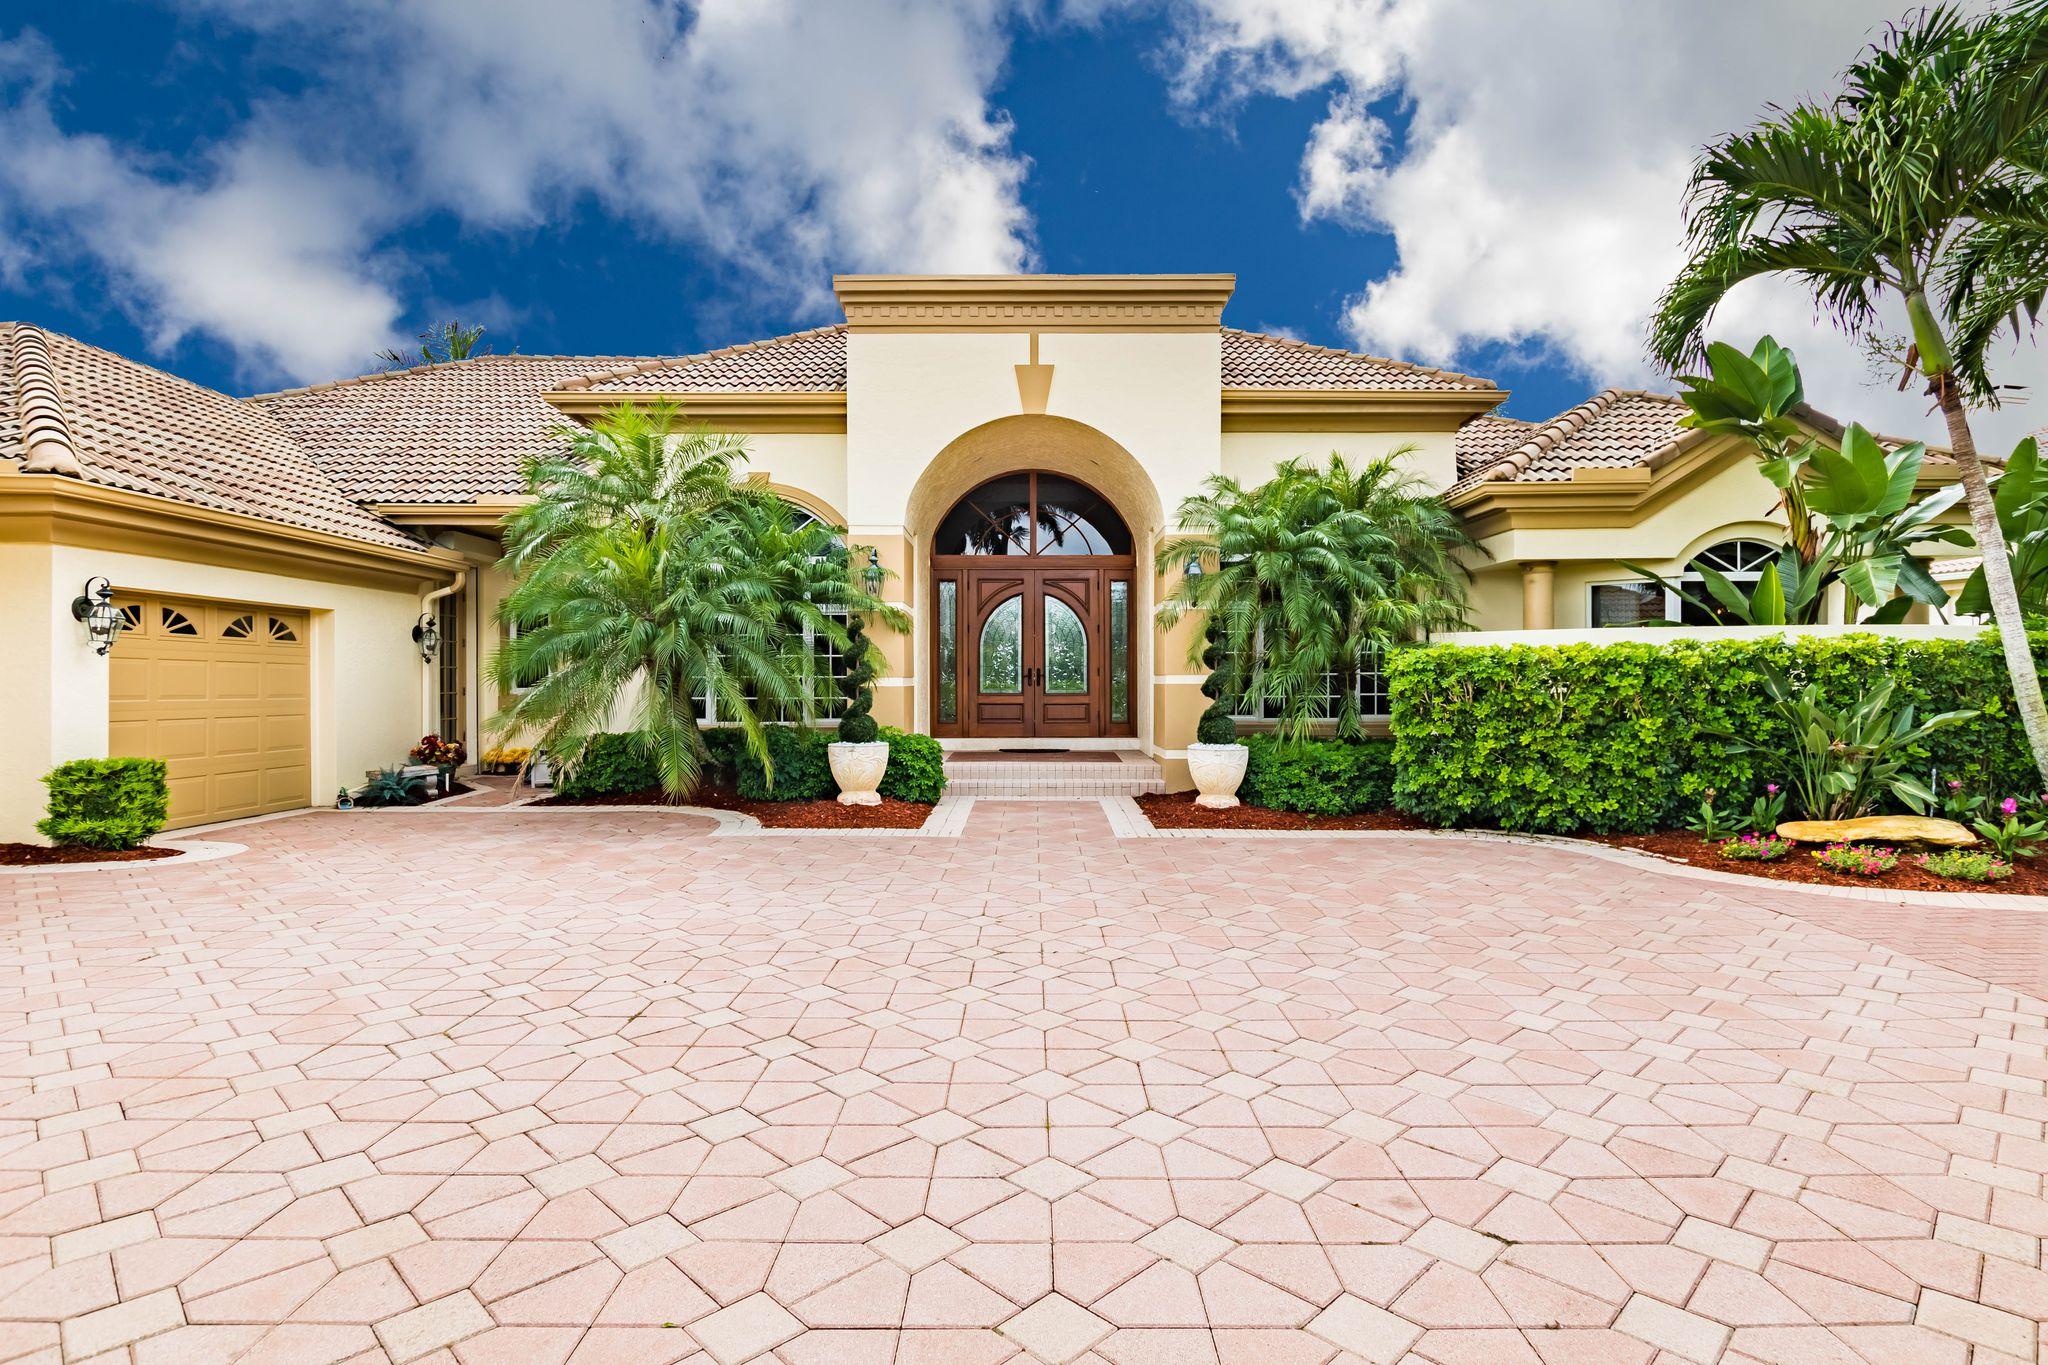 1691 Cypress Row Dr For Sale - West Palm Beach, FL | Trulia